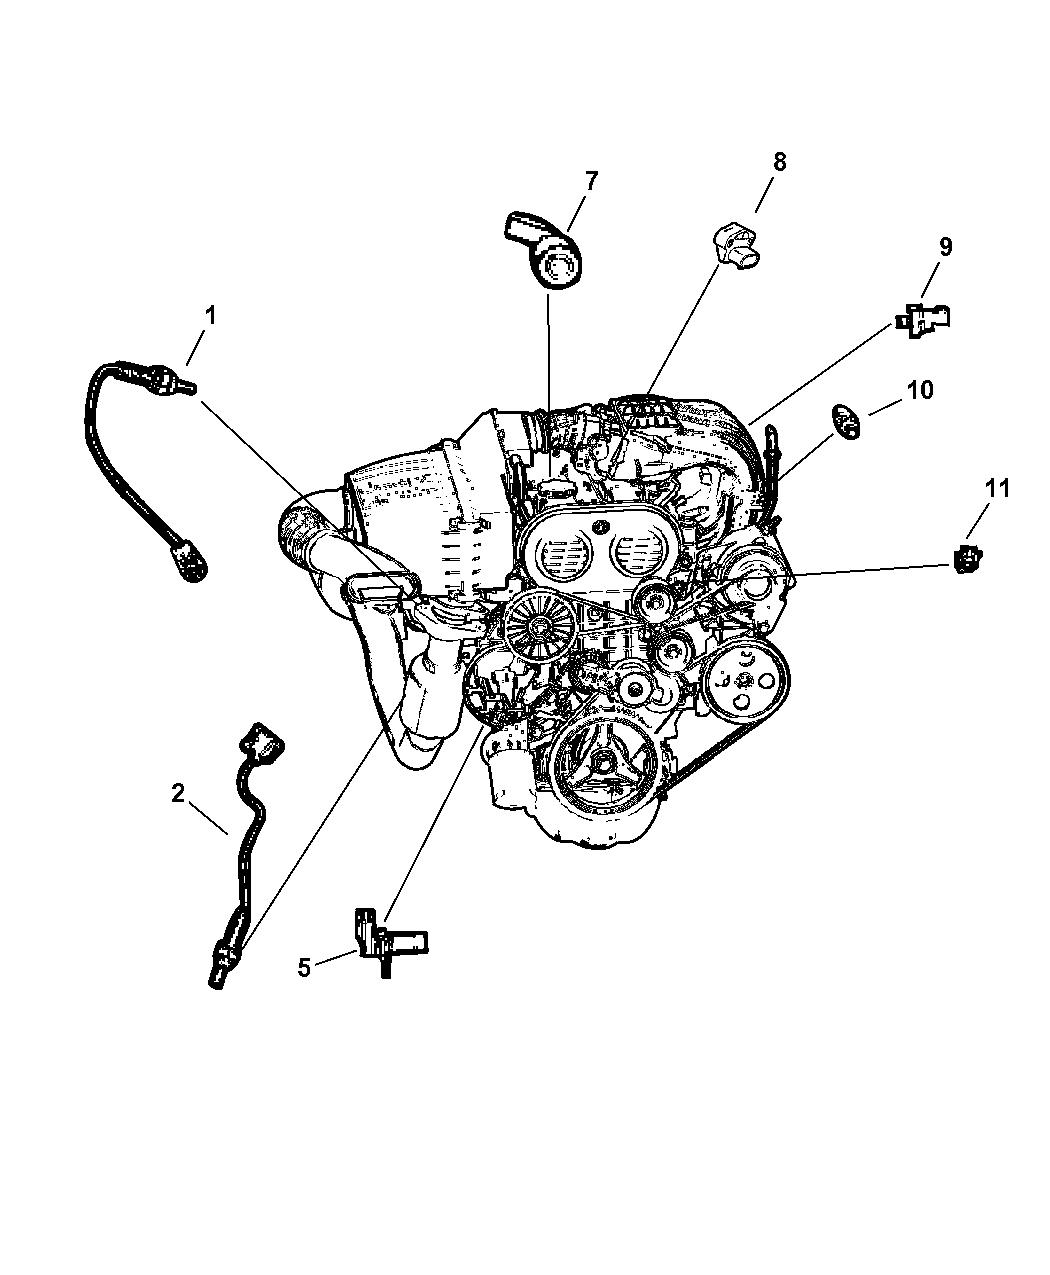 2003 Jeep Liberty Sensor - Engine